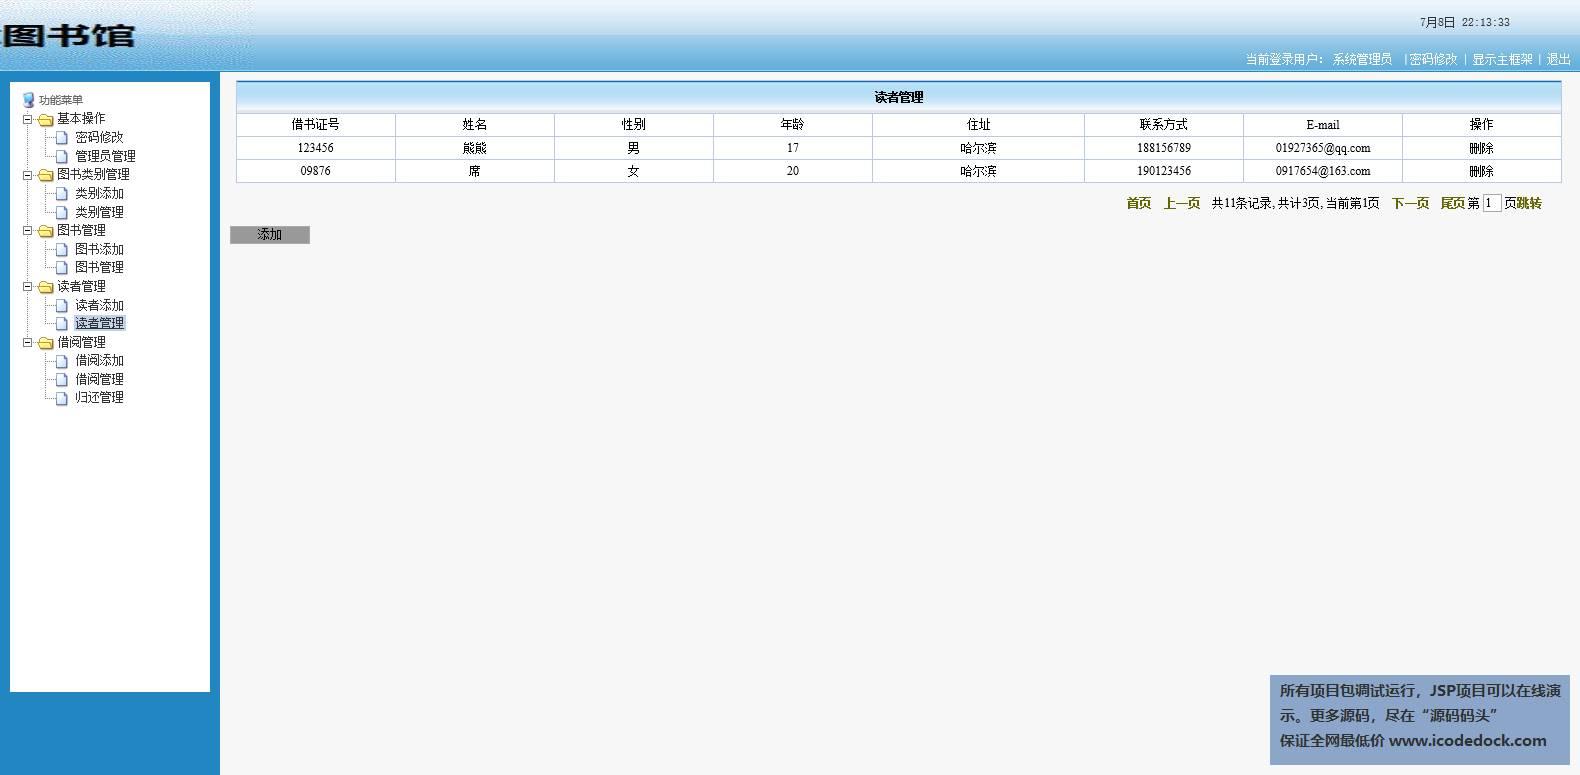 源码码头-JSP图书管理系统-读者管理